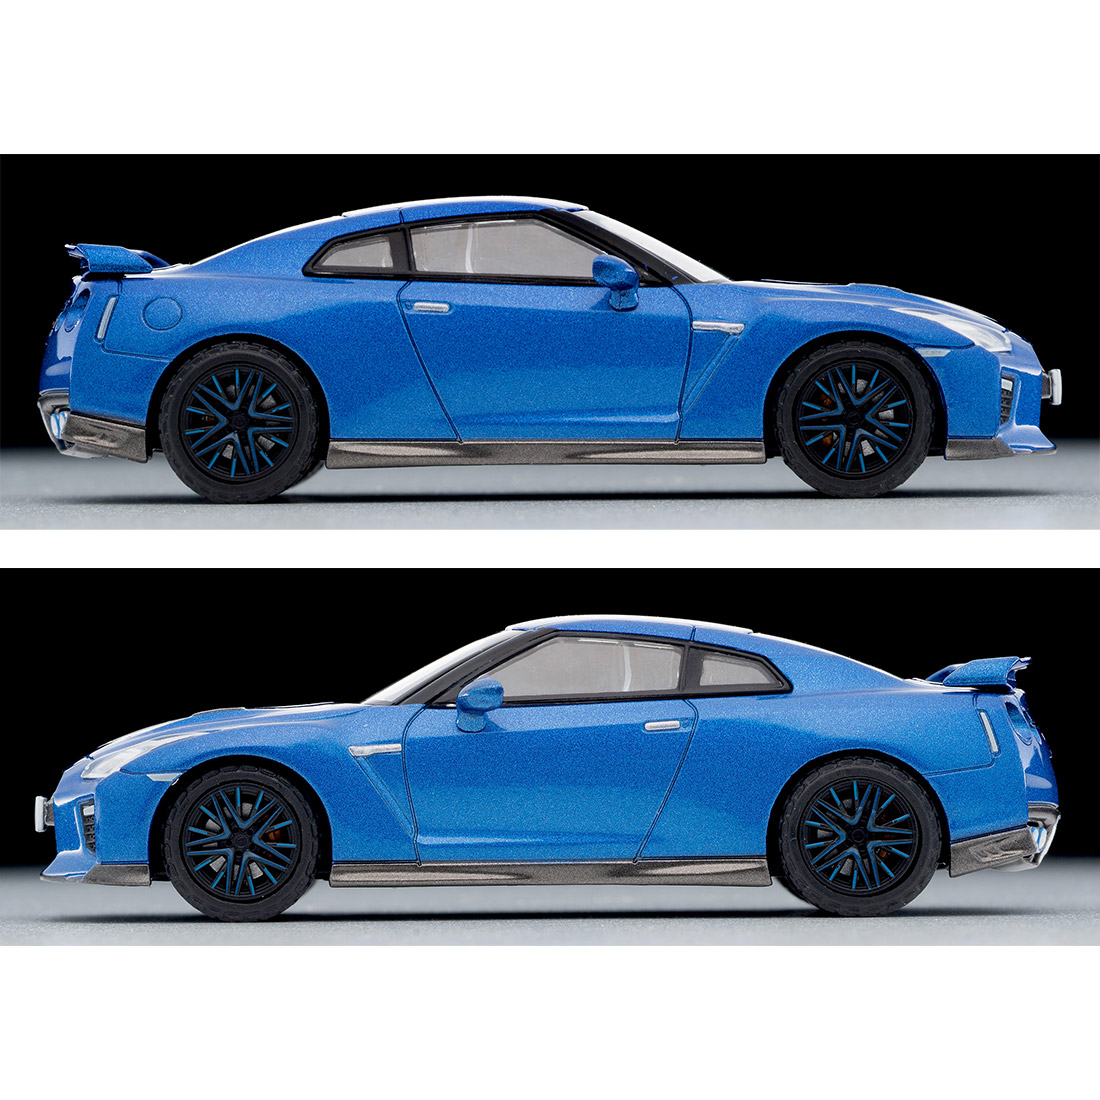 トミカリミテッドヴィンテージ ネオ LV-N200a『日産GT-R 50th ANNIVERSARY(青)』1/64 ミニカー-006